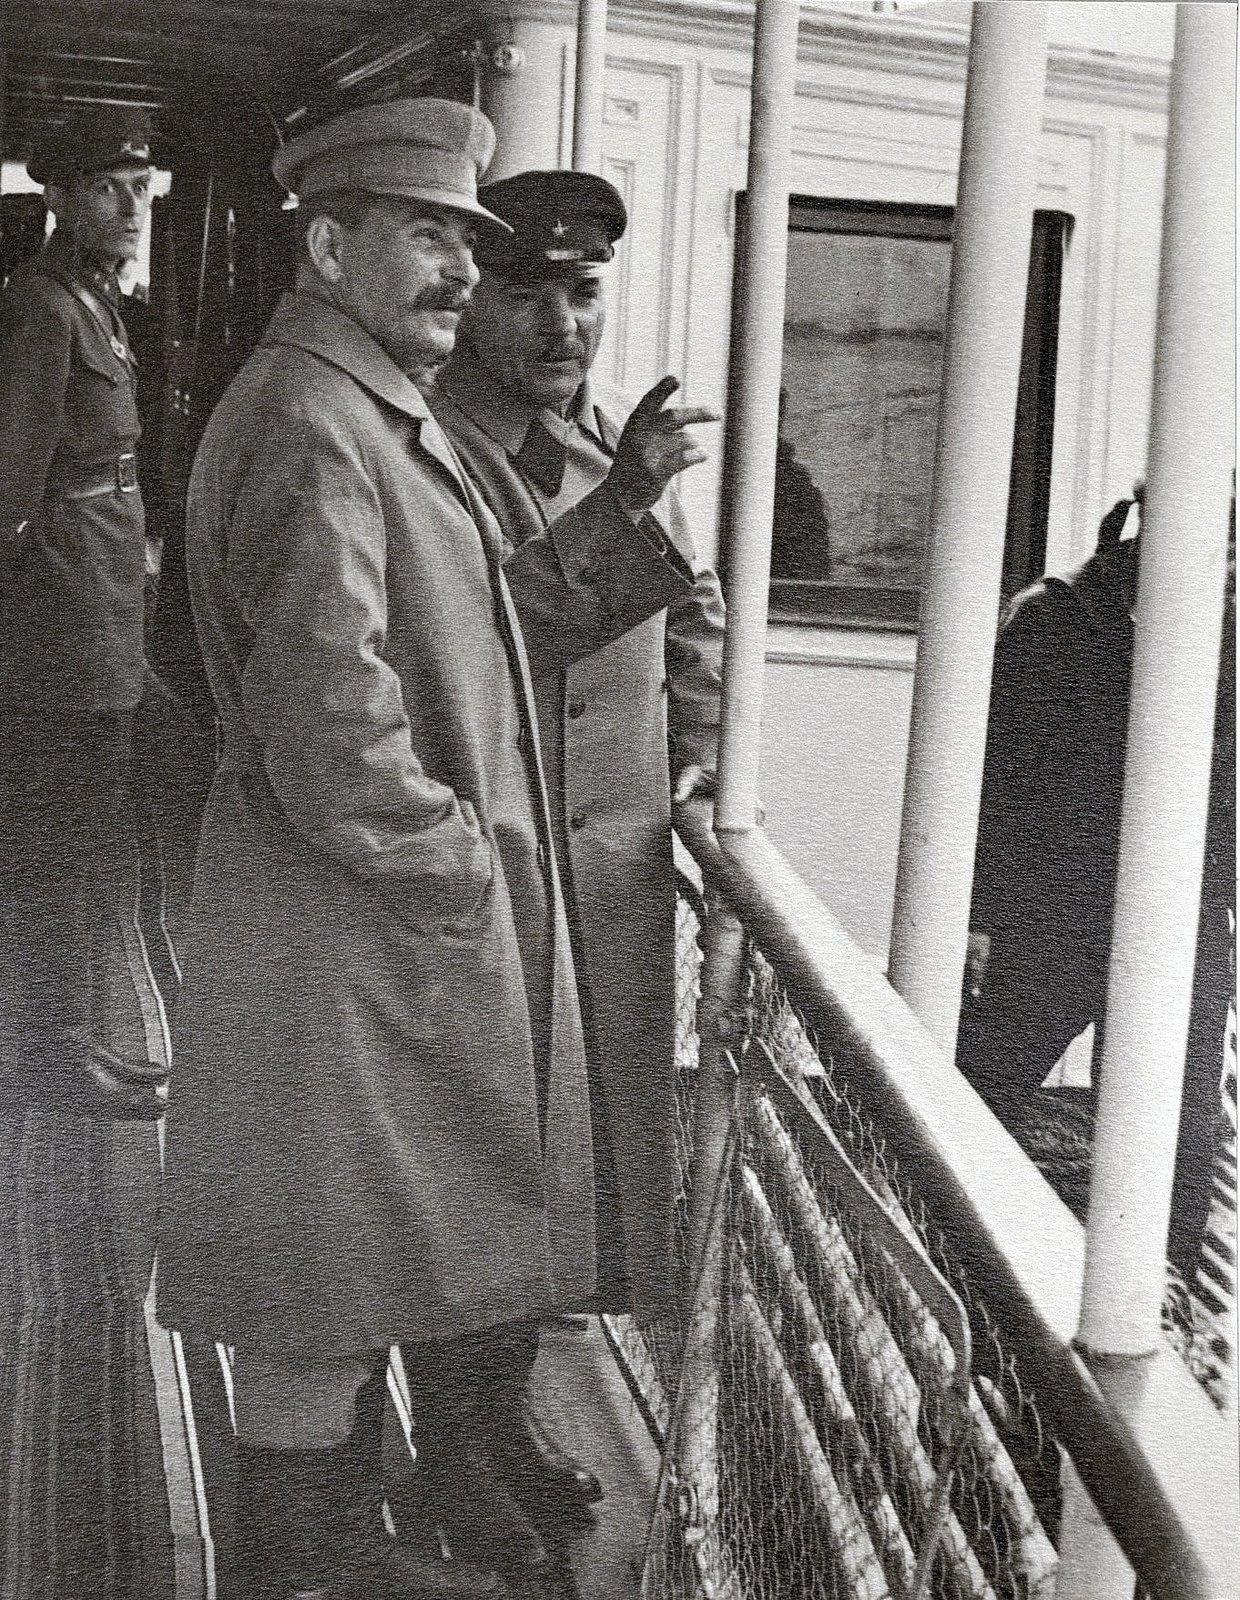 12. И.В. Сталин и К.Е. Ворошилов на теплоходе Клара Цеткин. На заднем плане сотрудник охраны. Август 1933